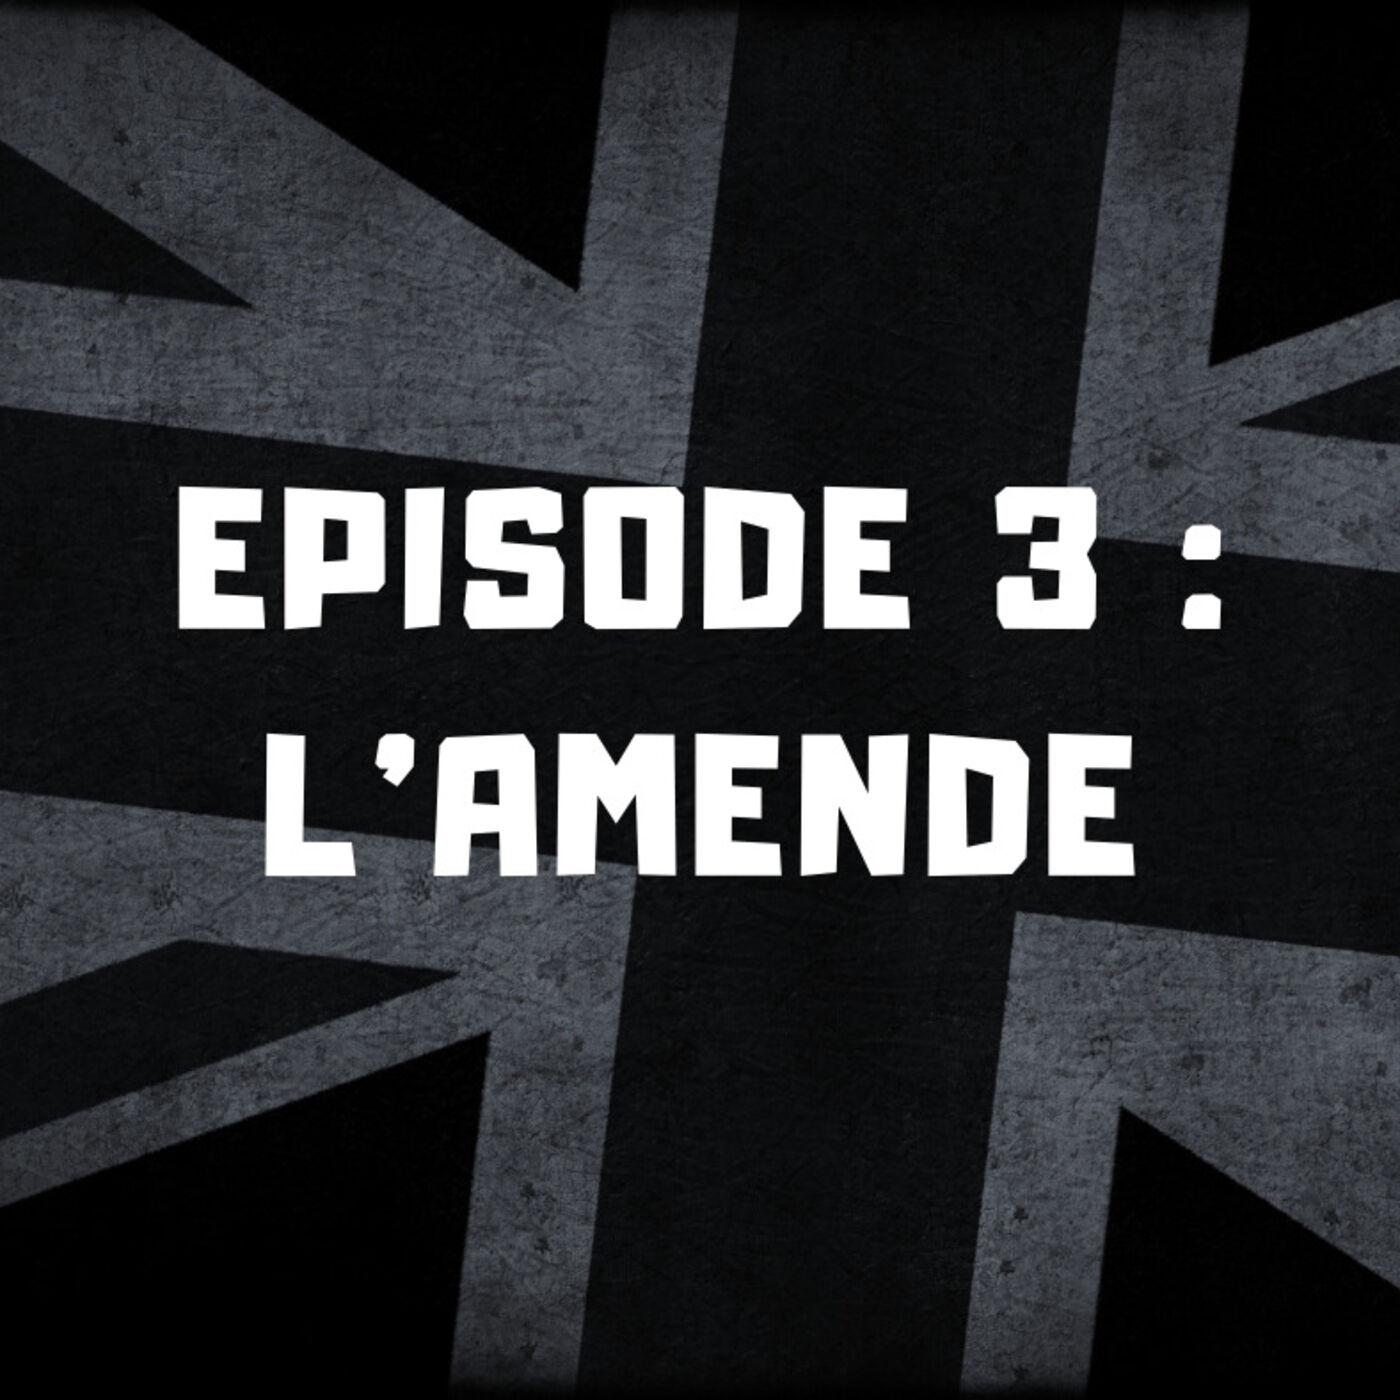 Episode 3 - L' amende